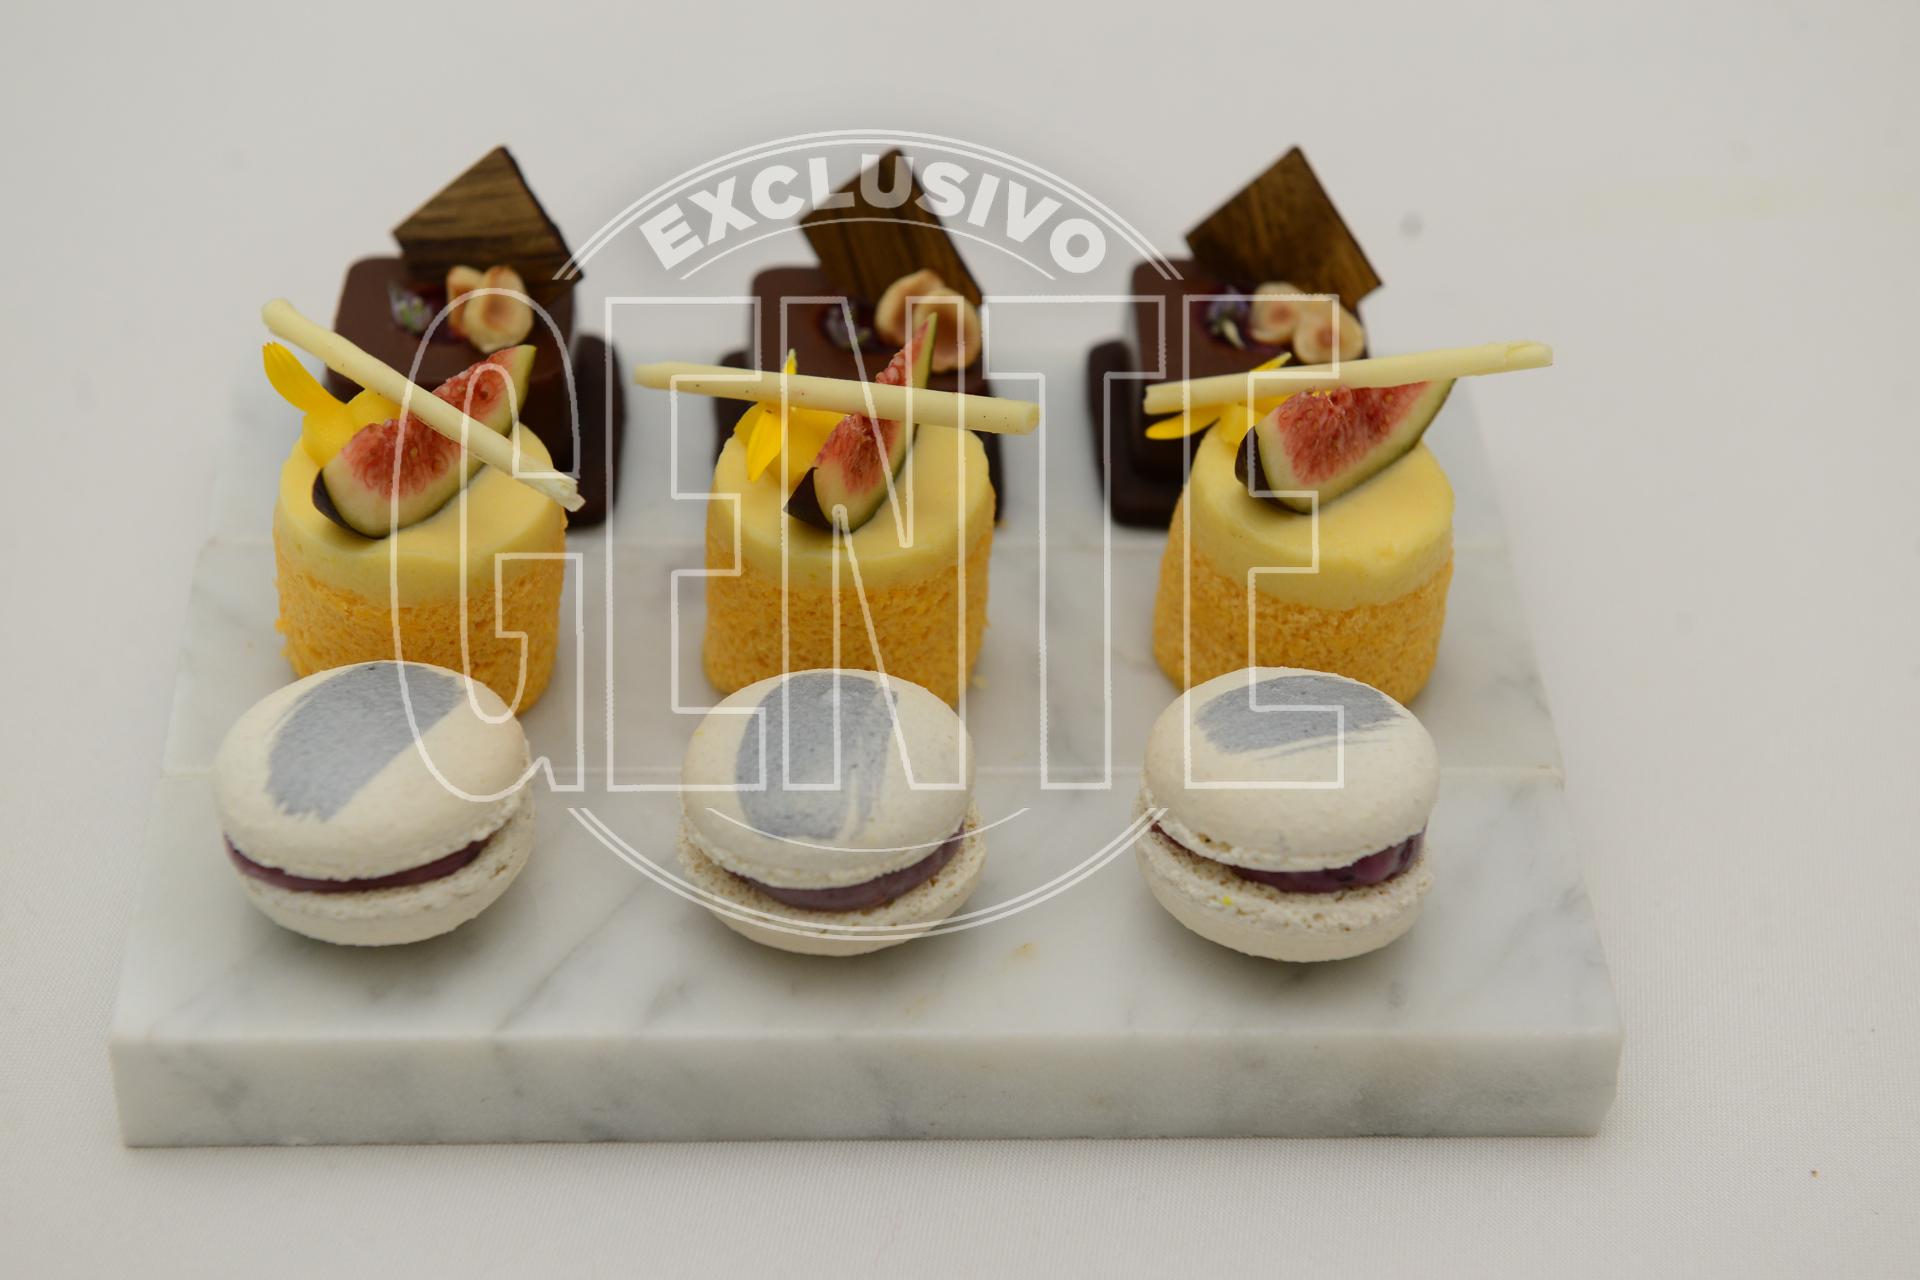 Panacotta de chocolate amazónico y lavanda, charlotte de mango y lima y macarrones de chocolate blanco y frutos rojos.